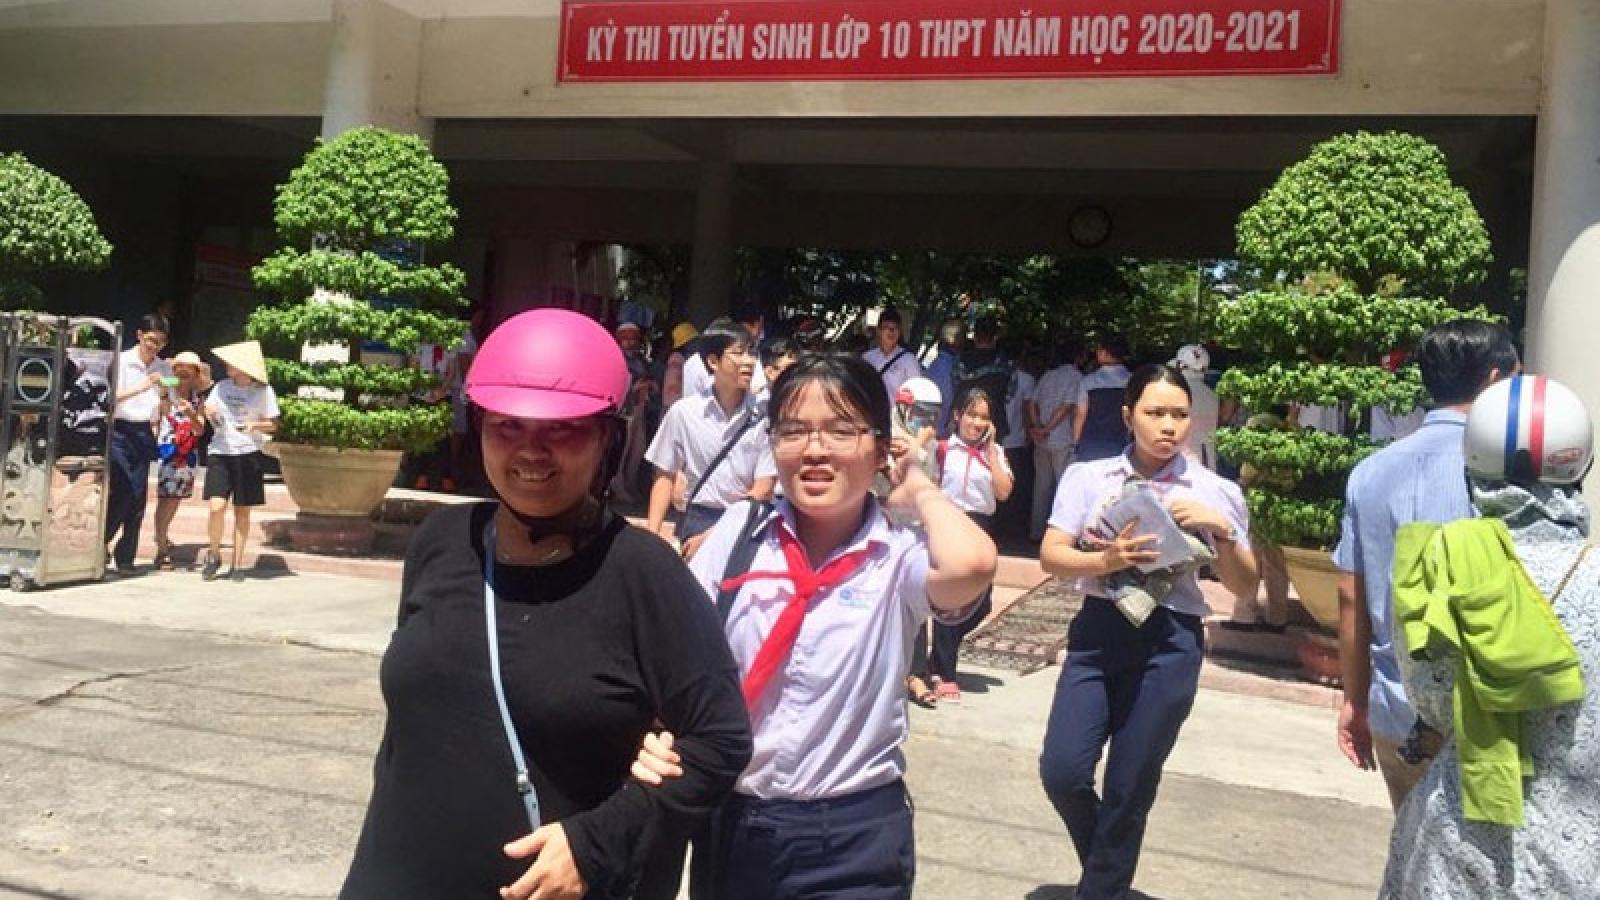 Môn thi Toán vào lớp 10 ở Đà Nẵng: Đề thi có độ phân hóa nhưng không quá khó 